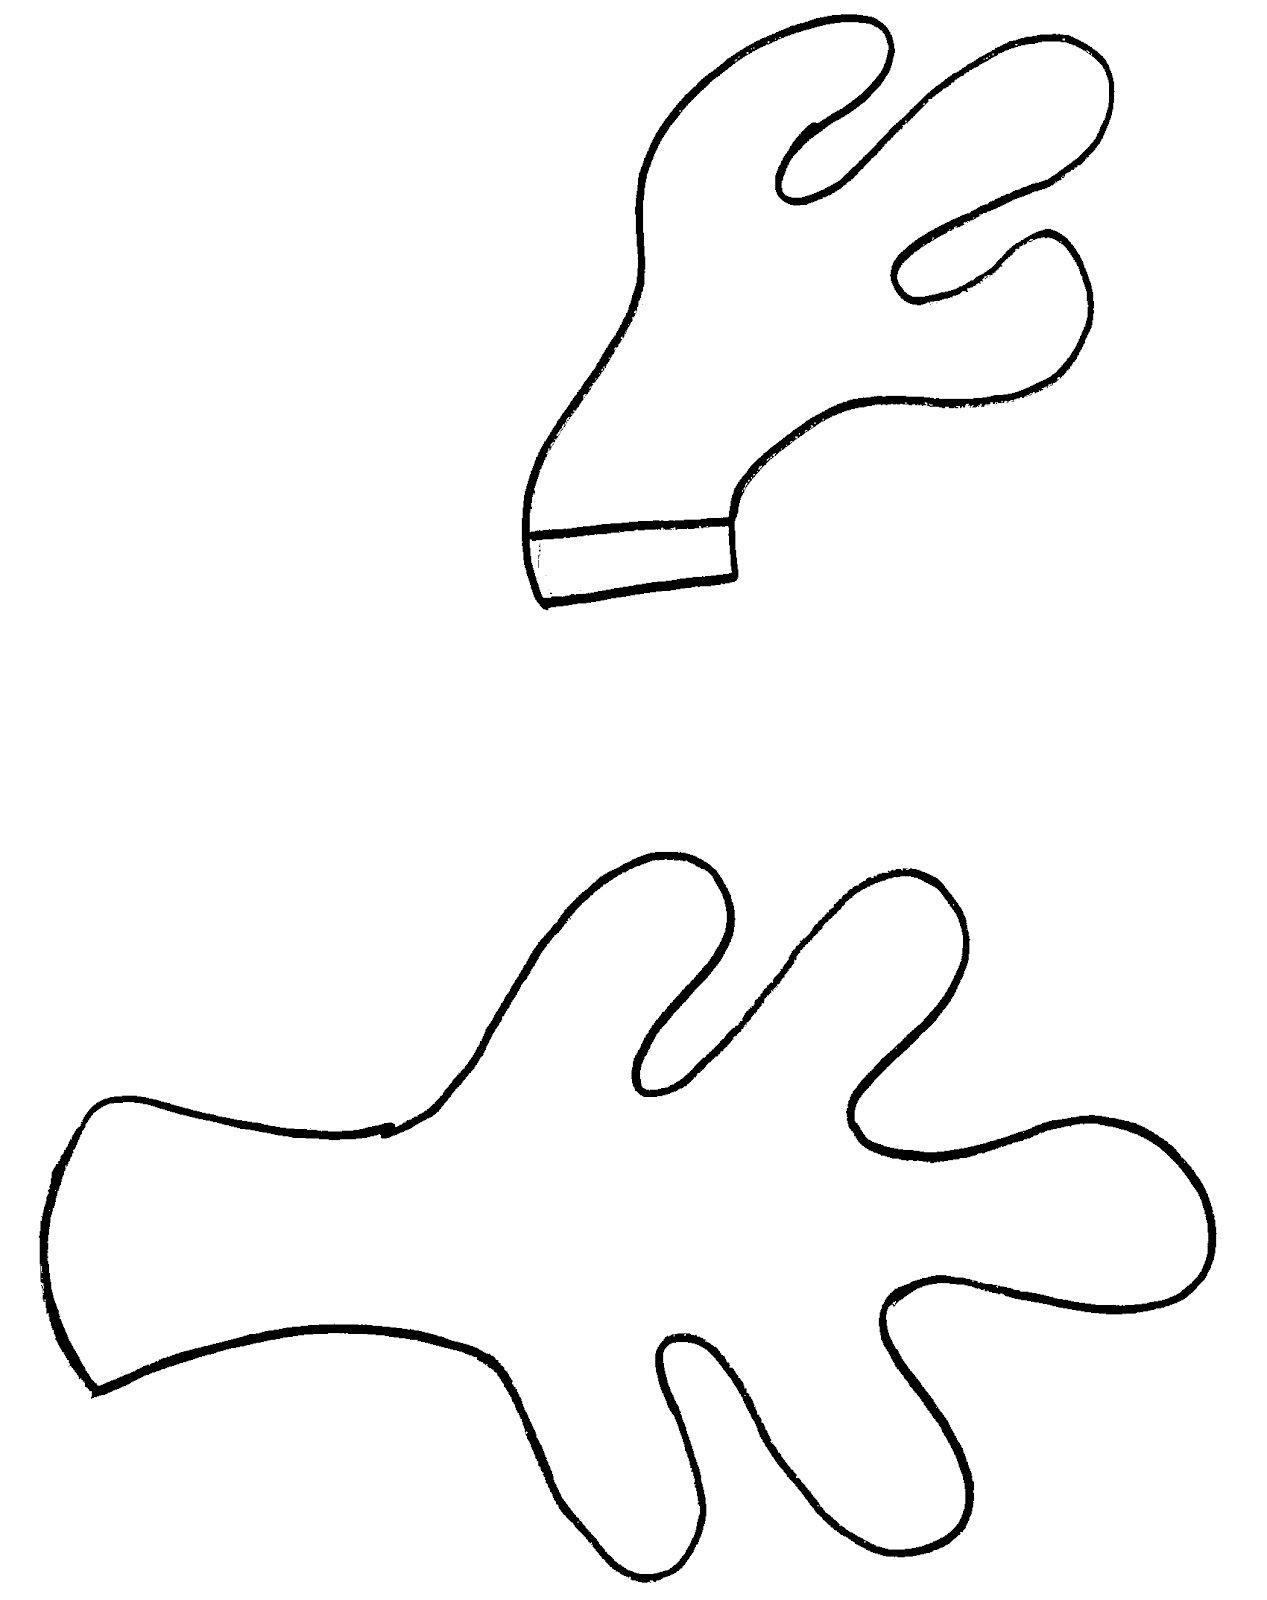 Antler | Templates For Crafts | Pinterest | Reindeer, Bow Template - Reindeer Antlers Template Free Printable